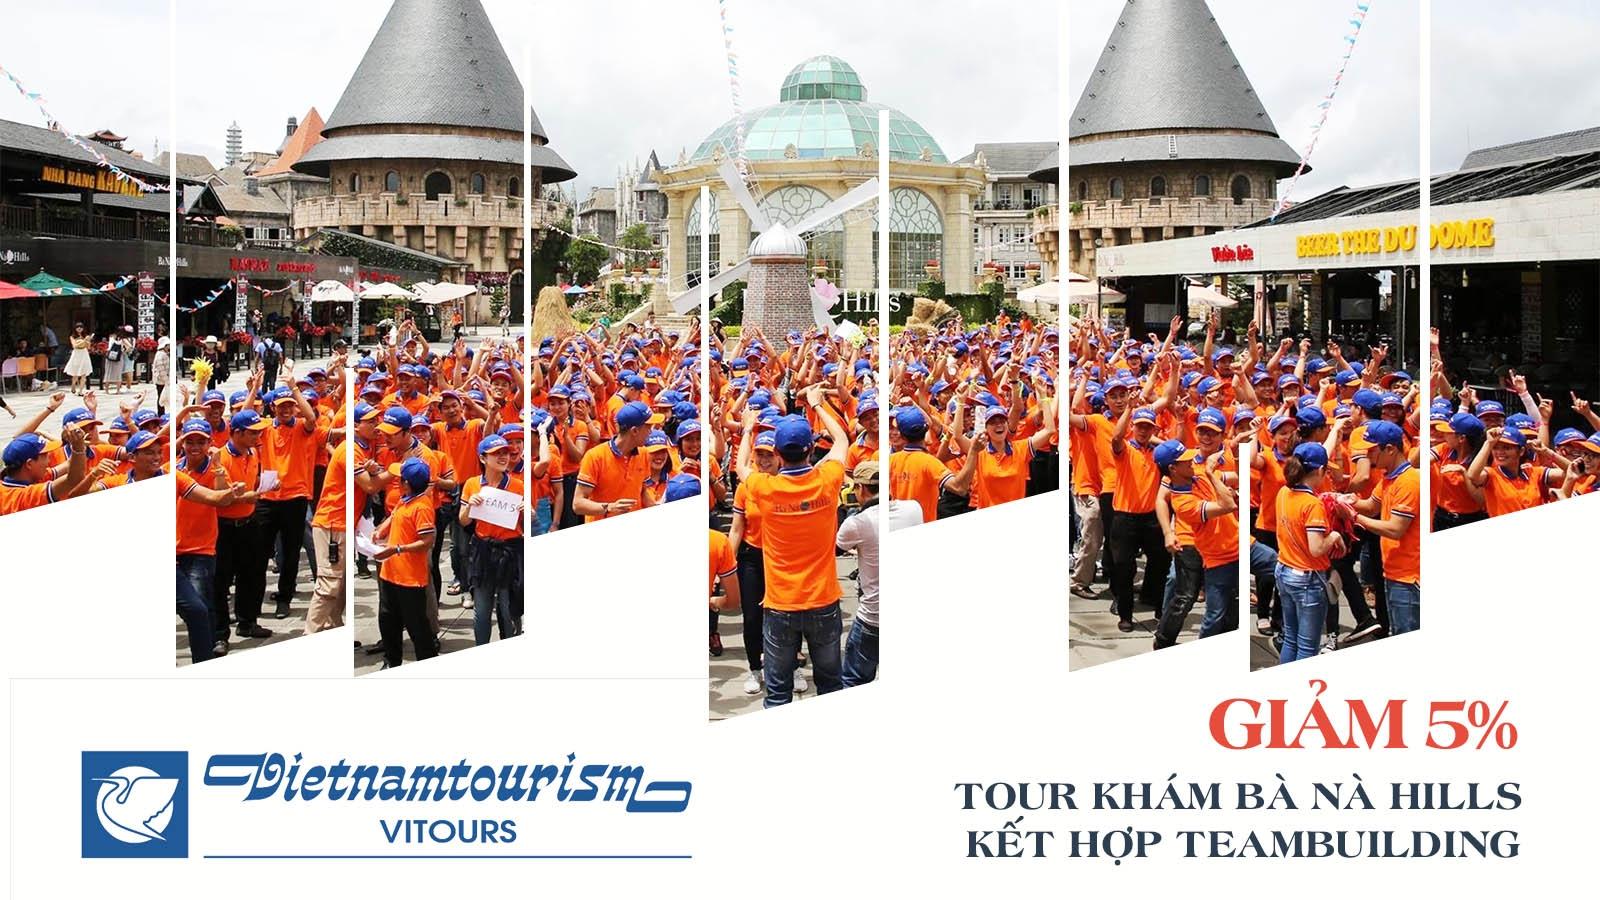 Vitours | Giảm 5% Tour tham quan Bà Nà kết hợp team building 2